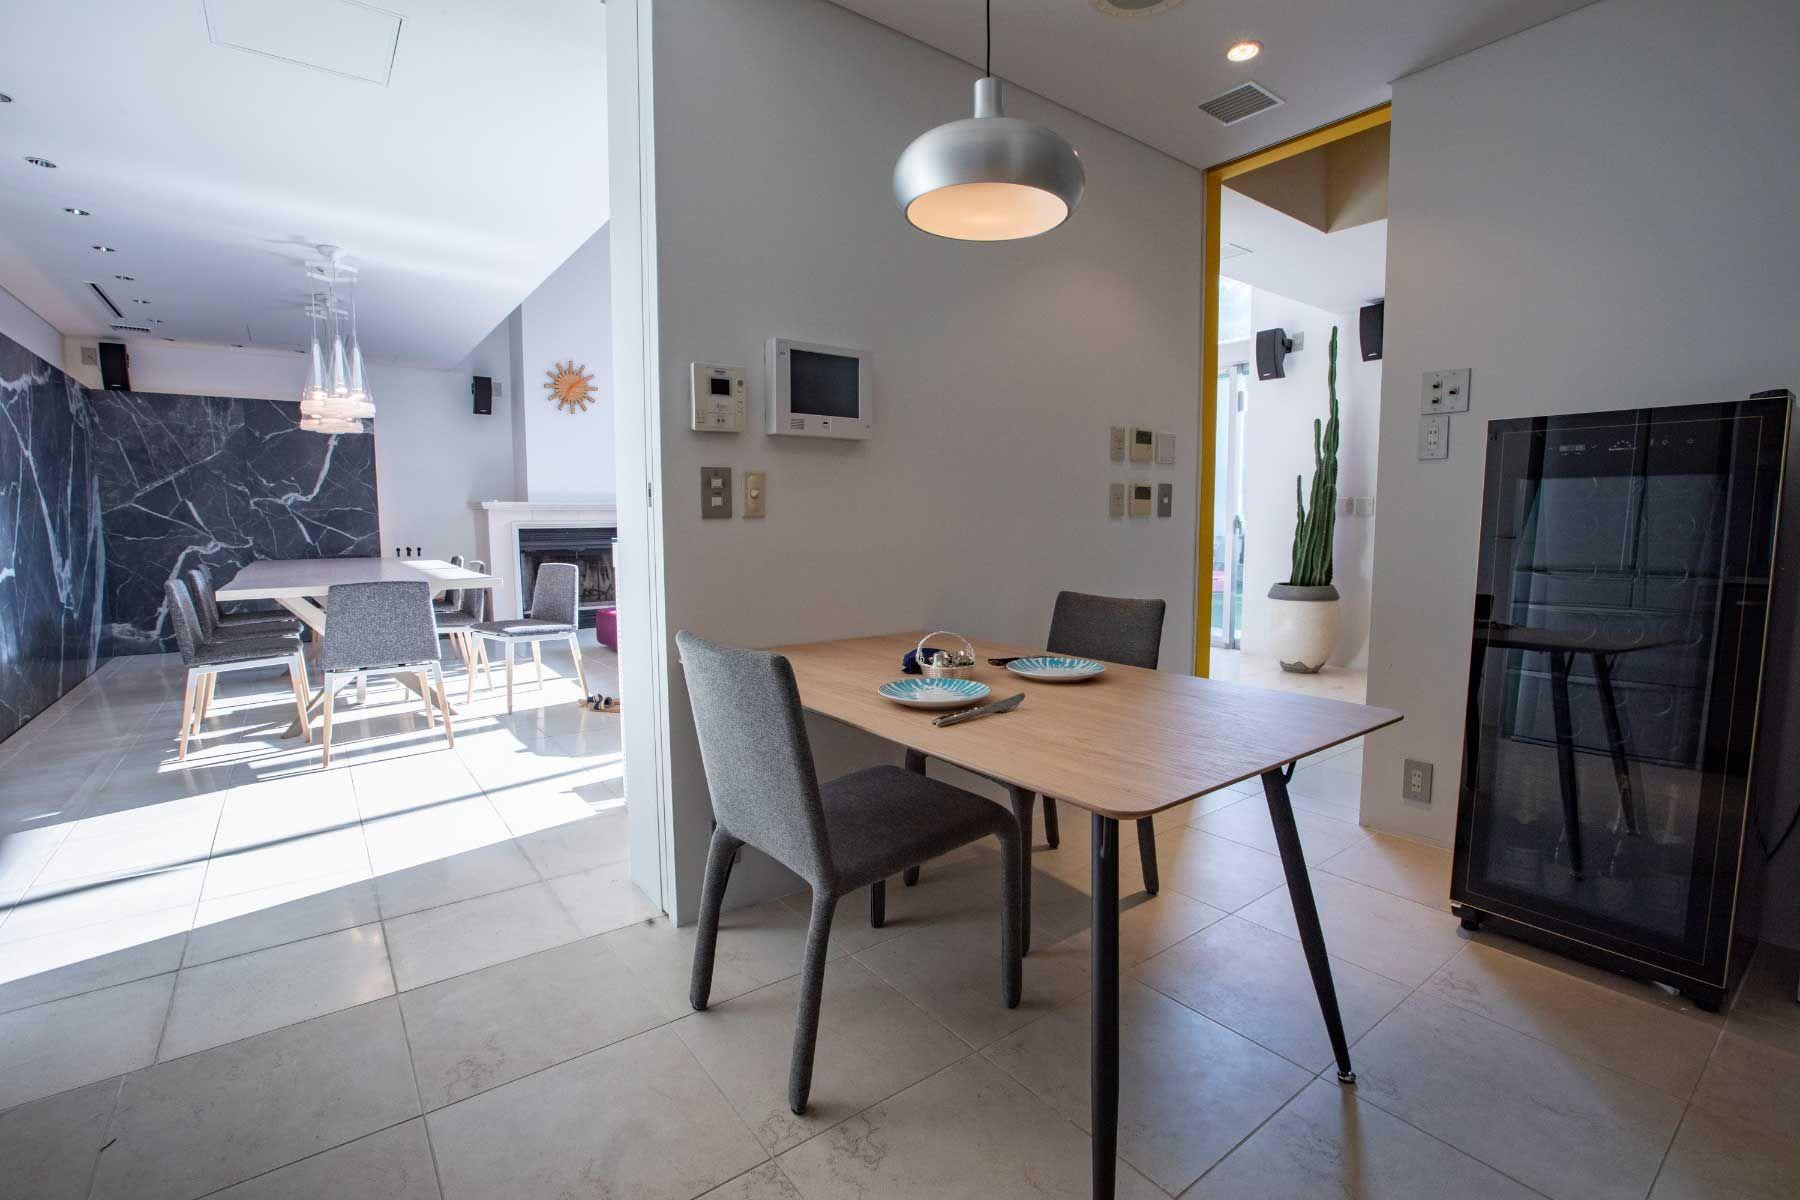 渋谷区西原ハウス /個人宅 (シブヤクニシハラハウス)キッチン脇のテーブル